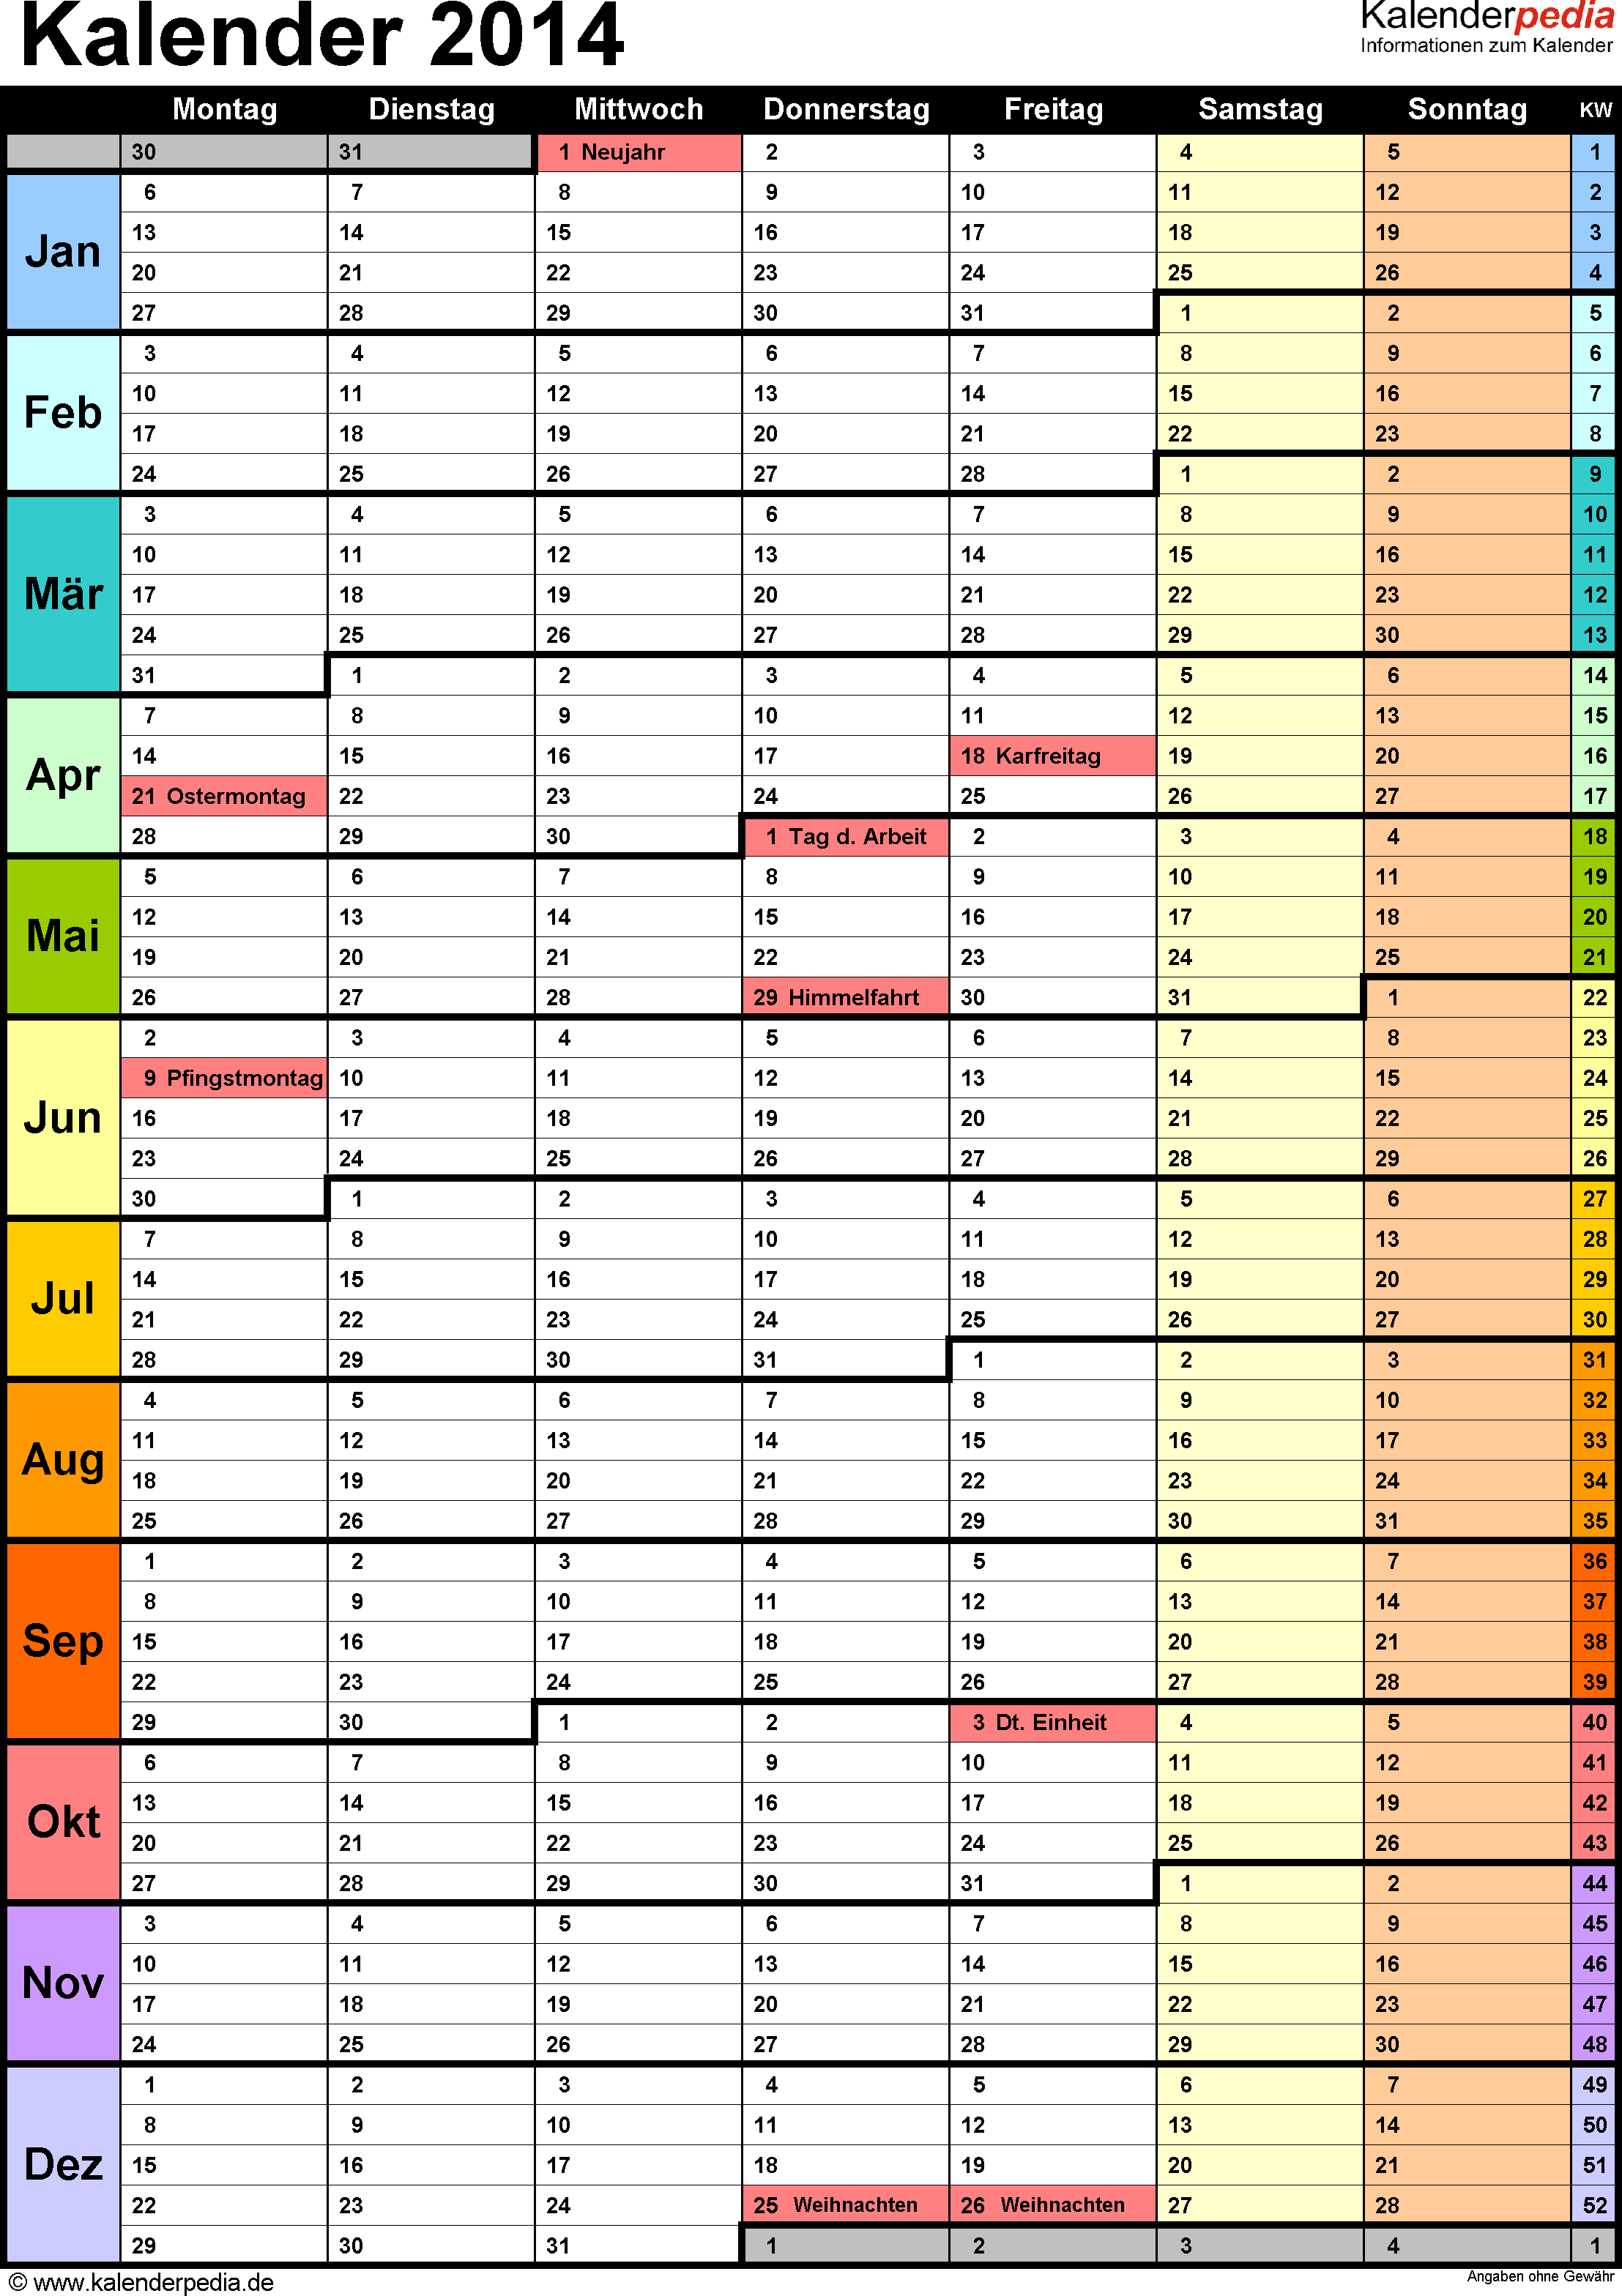 Kalender 2014 zum Ausdrucken als PDF (16 Vorlagen)